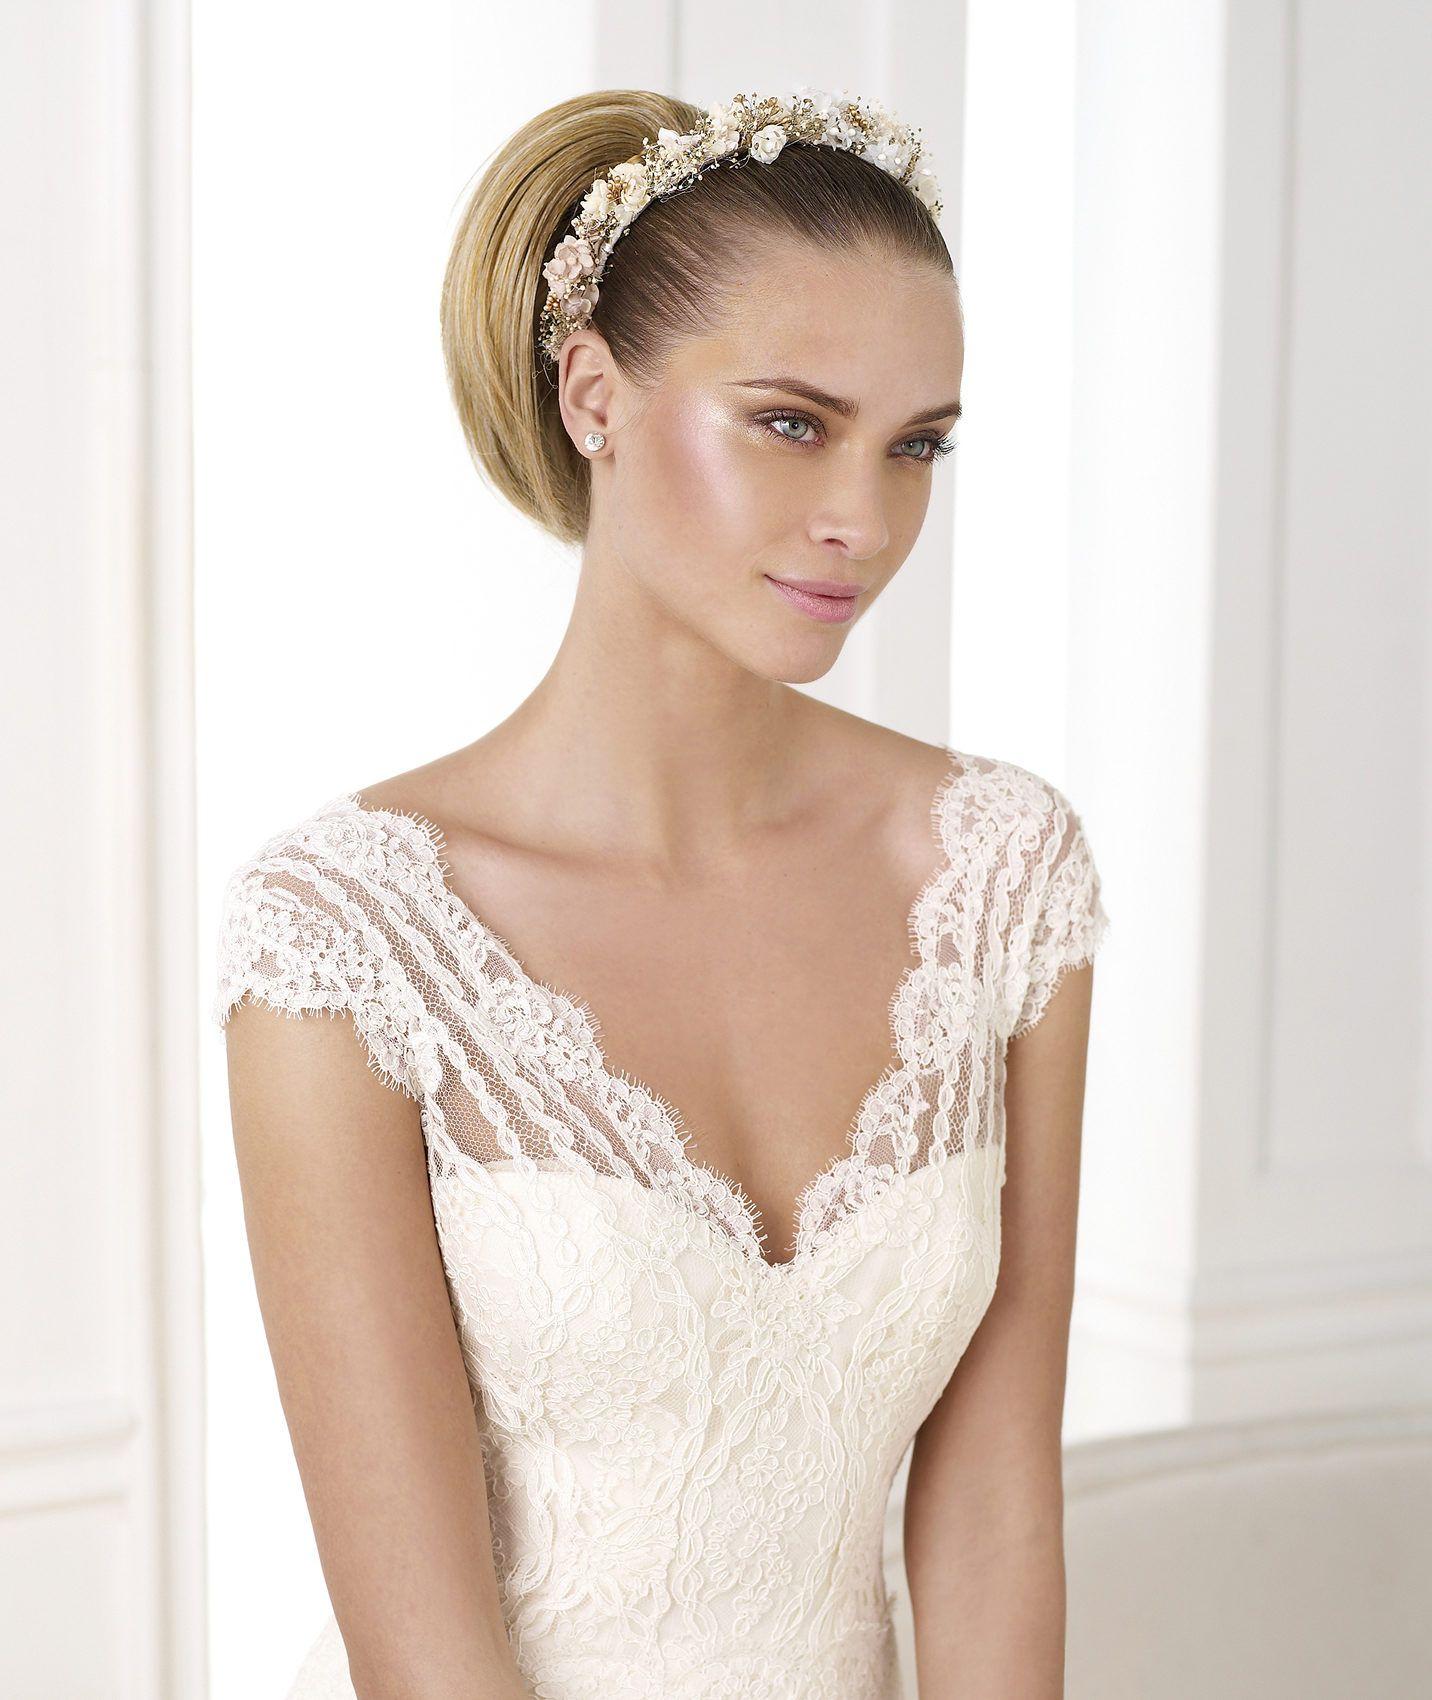 Pronovias 2018 / Les mains savantes et expertes de nos couturières  transforment les tissus les plus nobles en créations haute couture. Des  robes de mariée